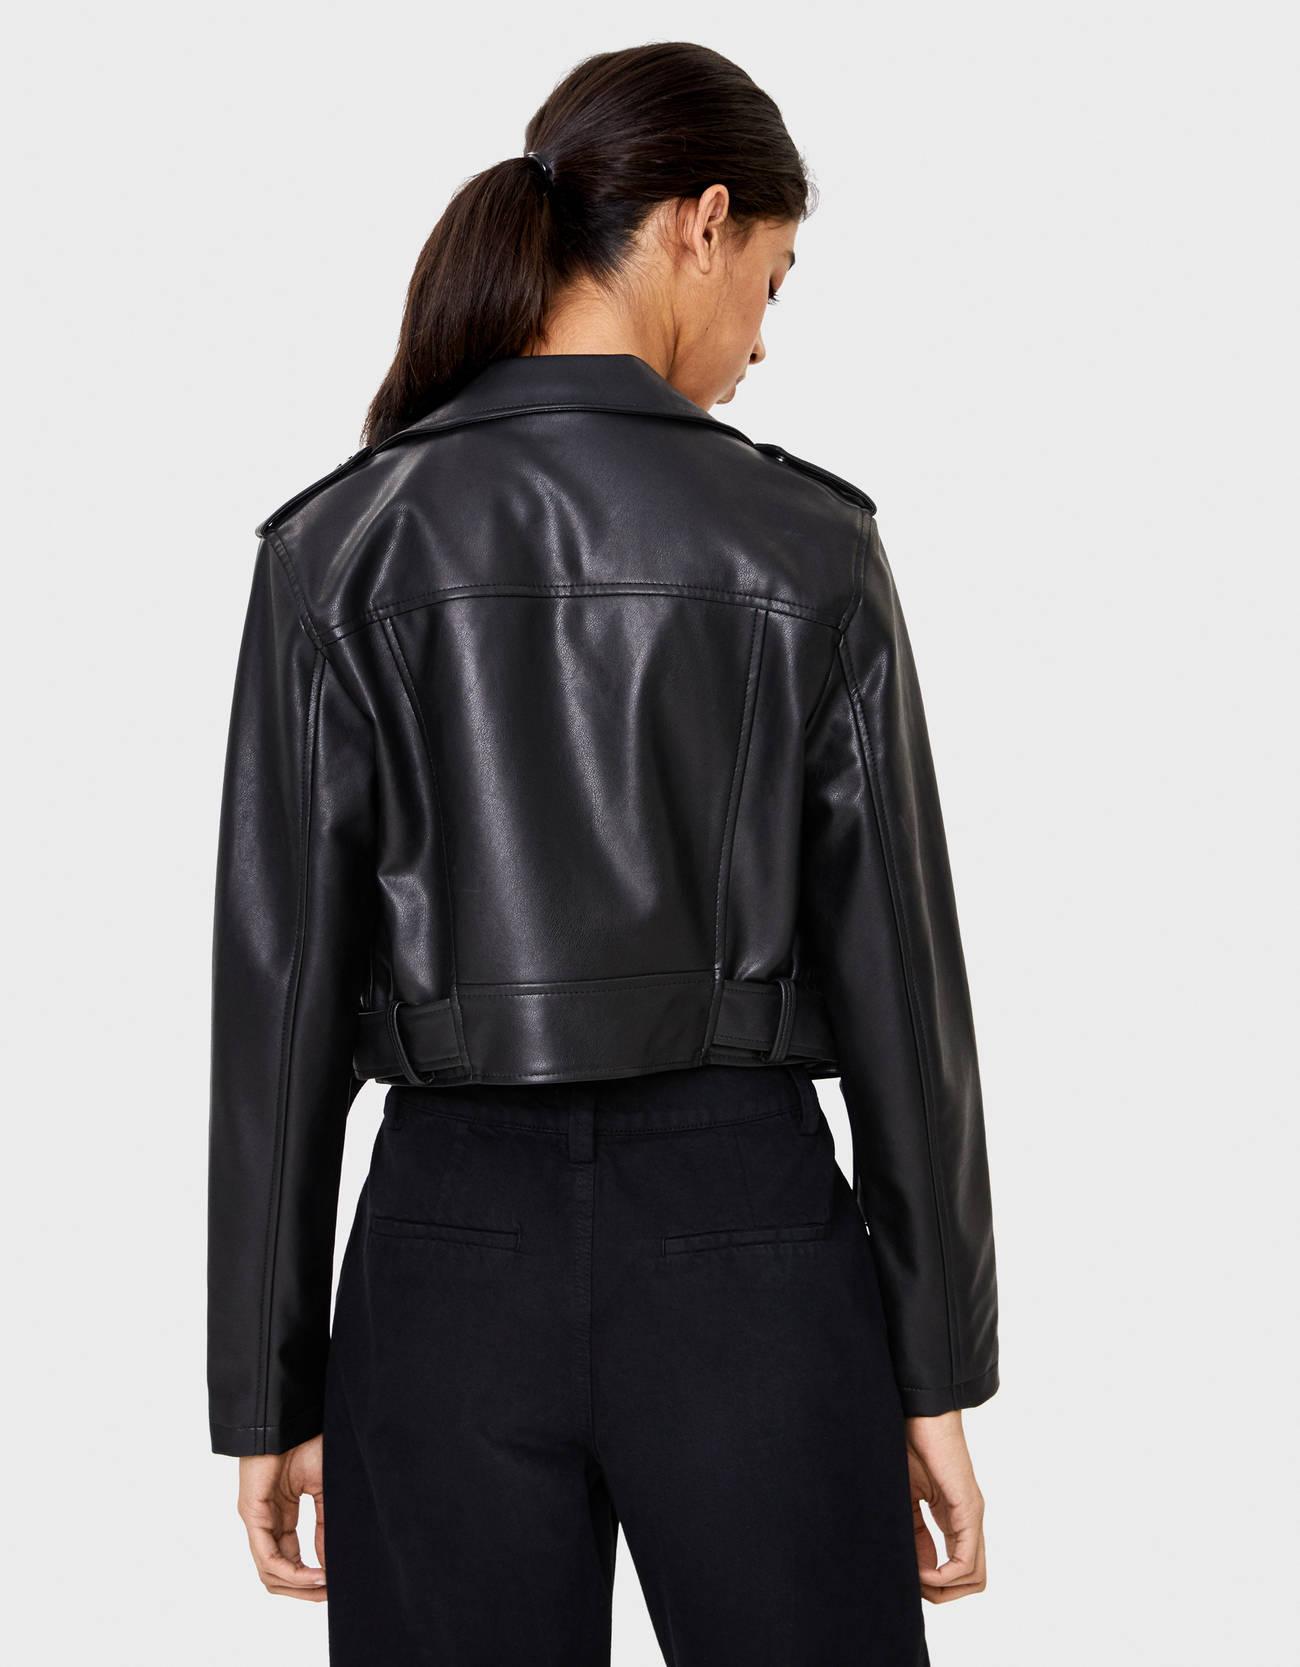 Modalite Net Bershka Cropped Faux Leather Biker Jacket